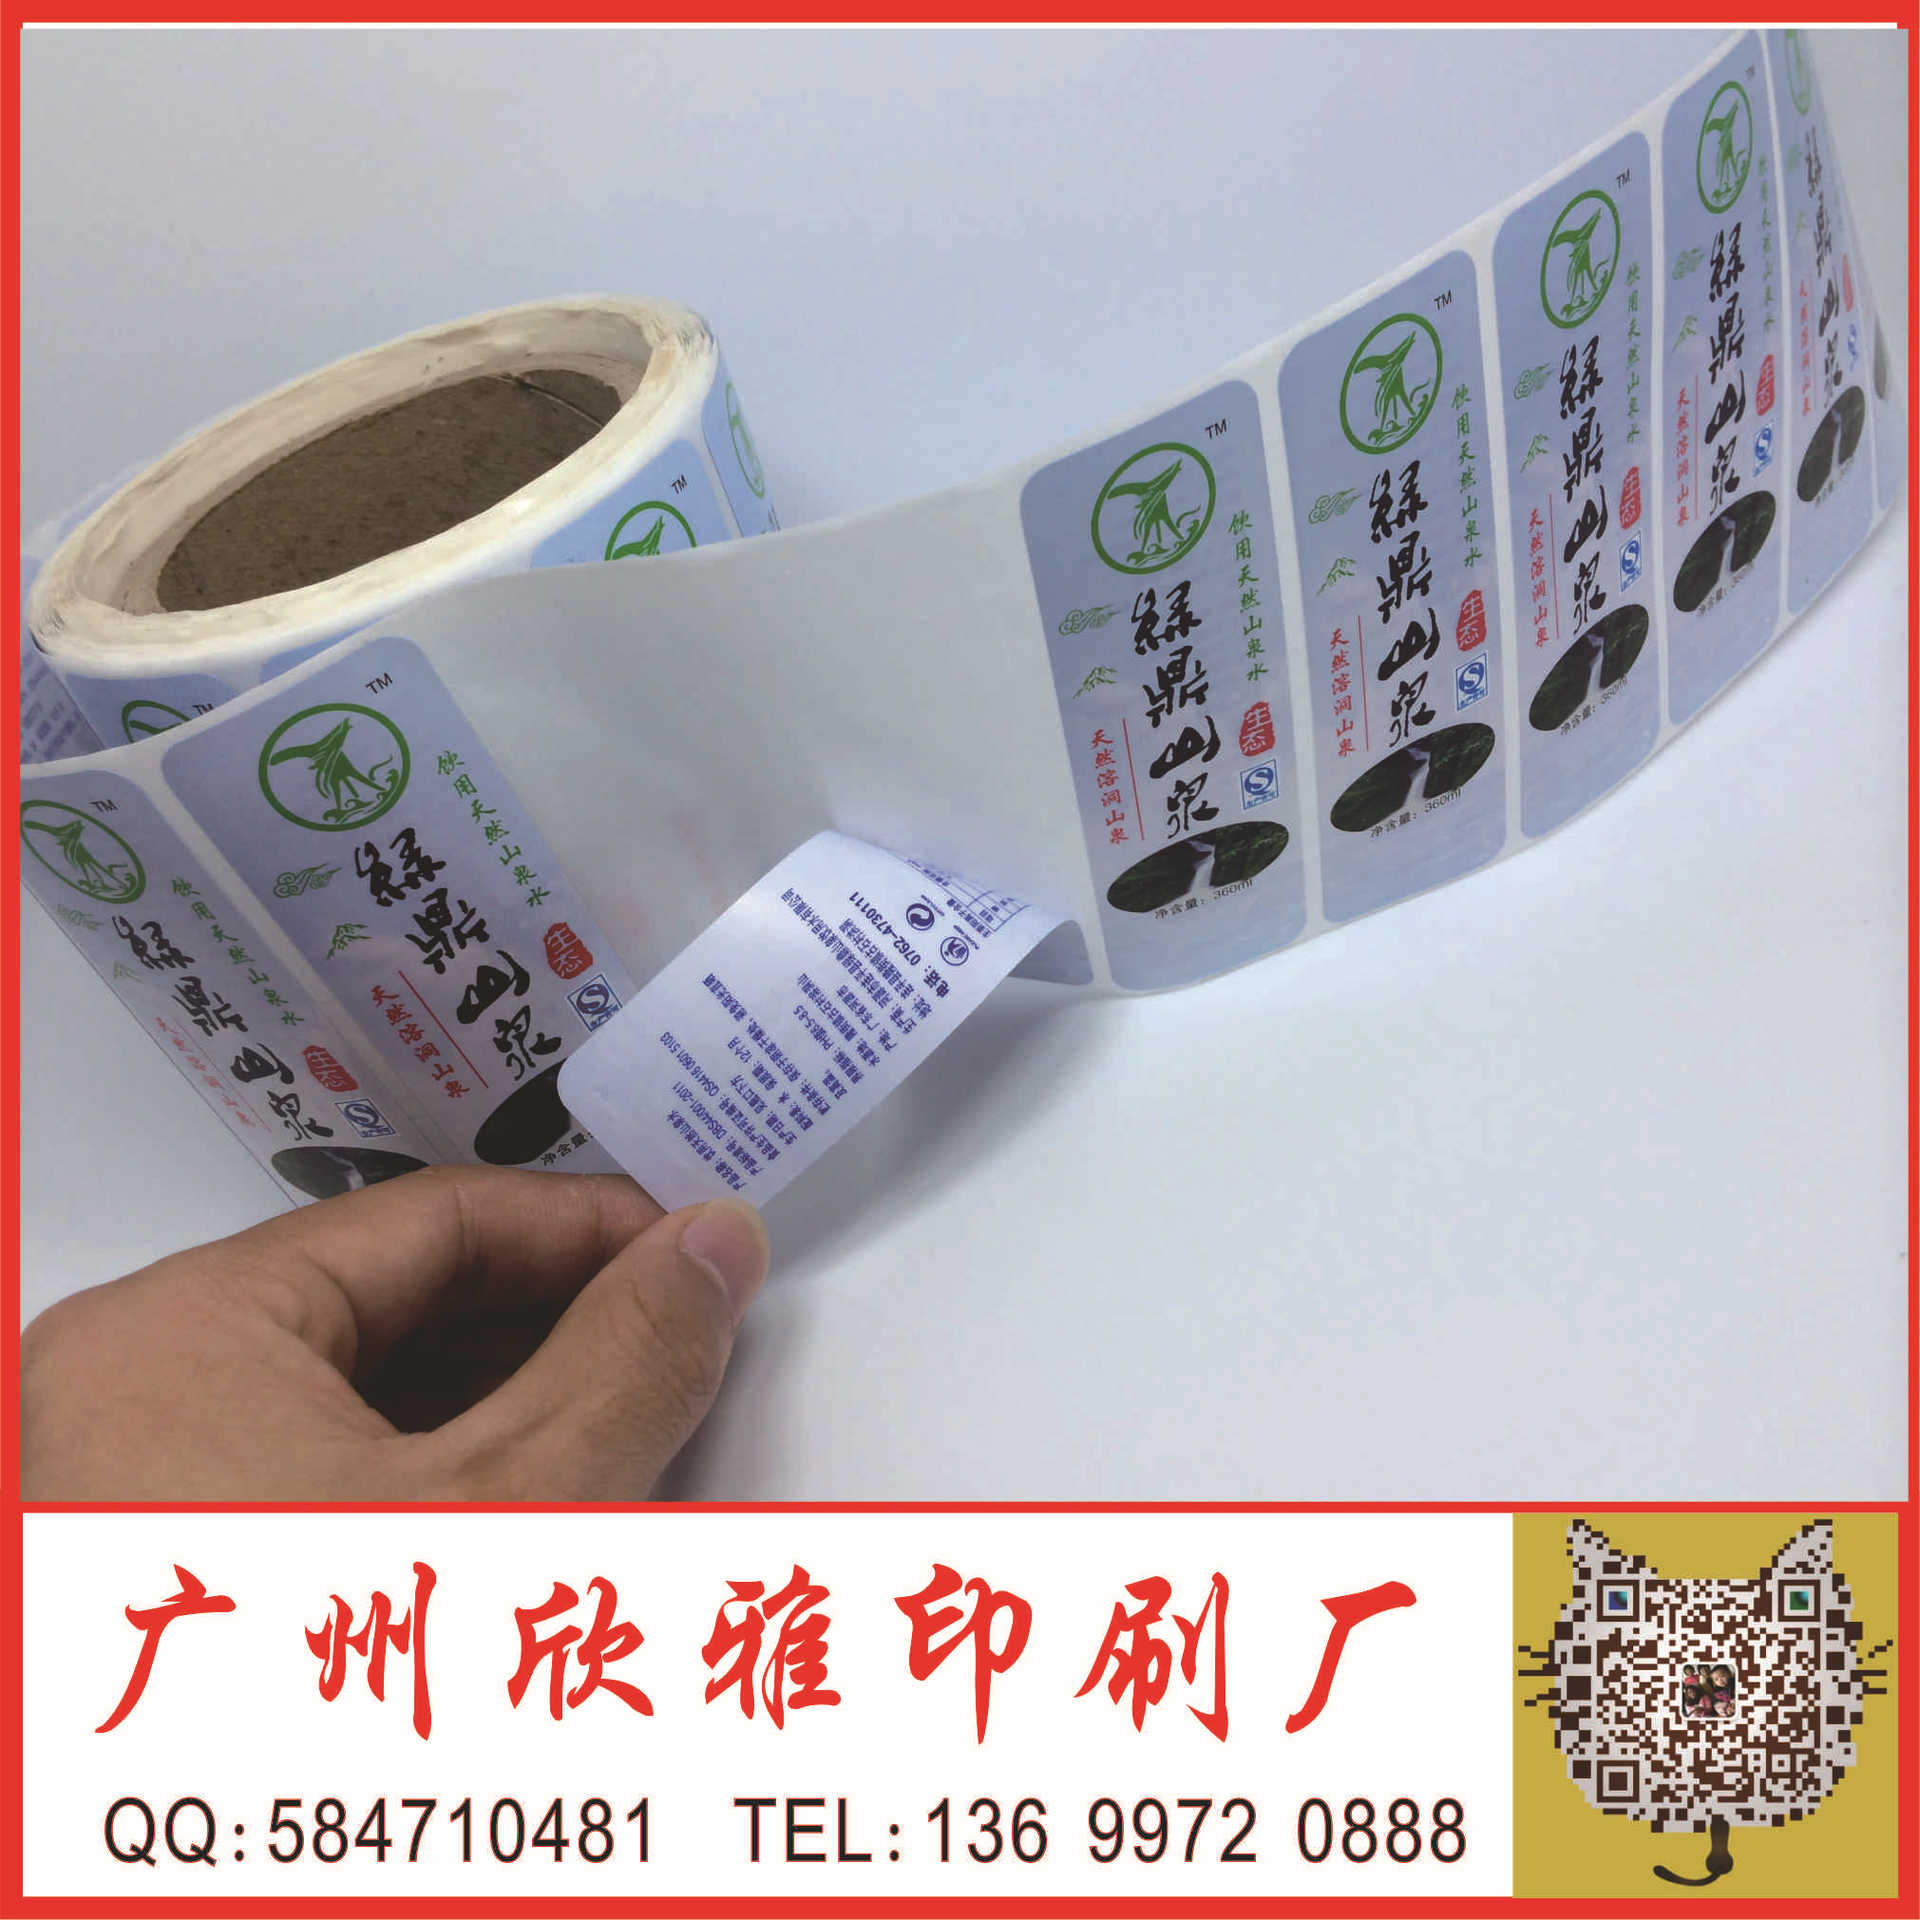 双面印刷不干胶 PVC不干胶,铜板不干胶,珠光膜合成PVC